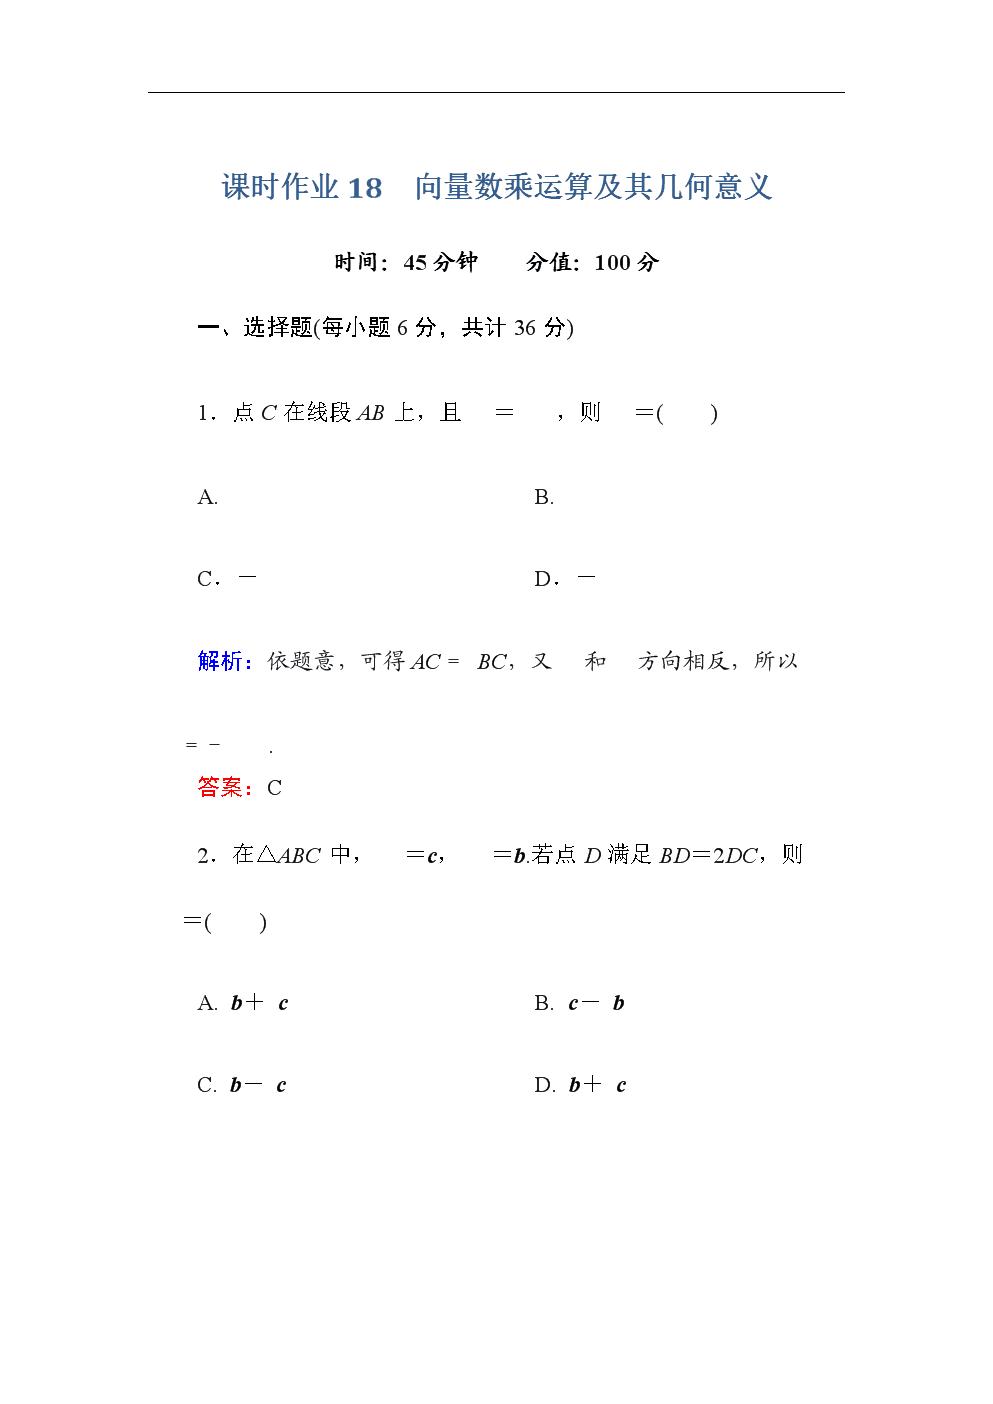 人教A版高中数学必修4课时作业18向量数乘运算及其几何意义(附答案).doc